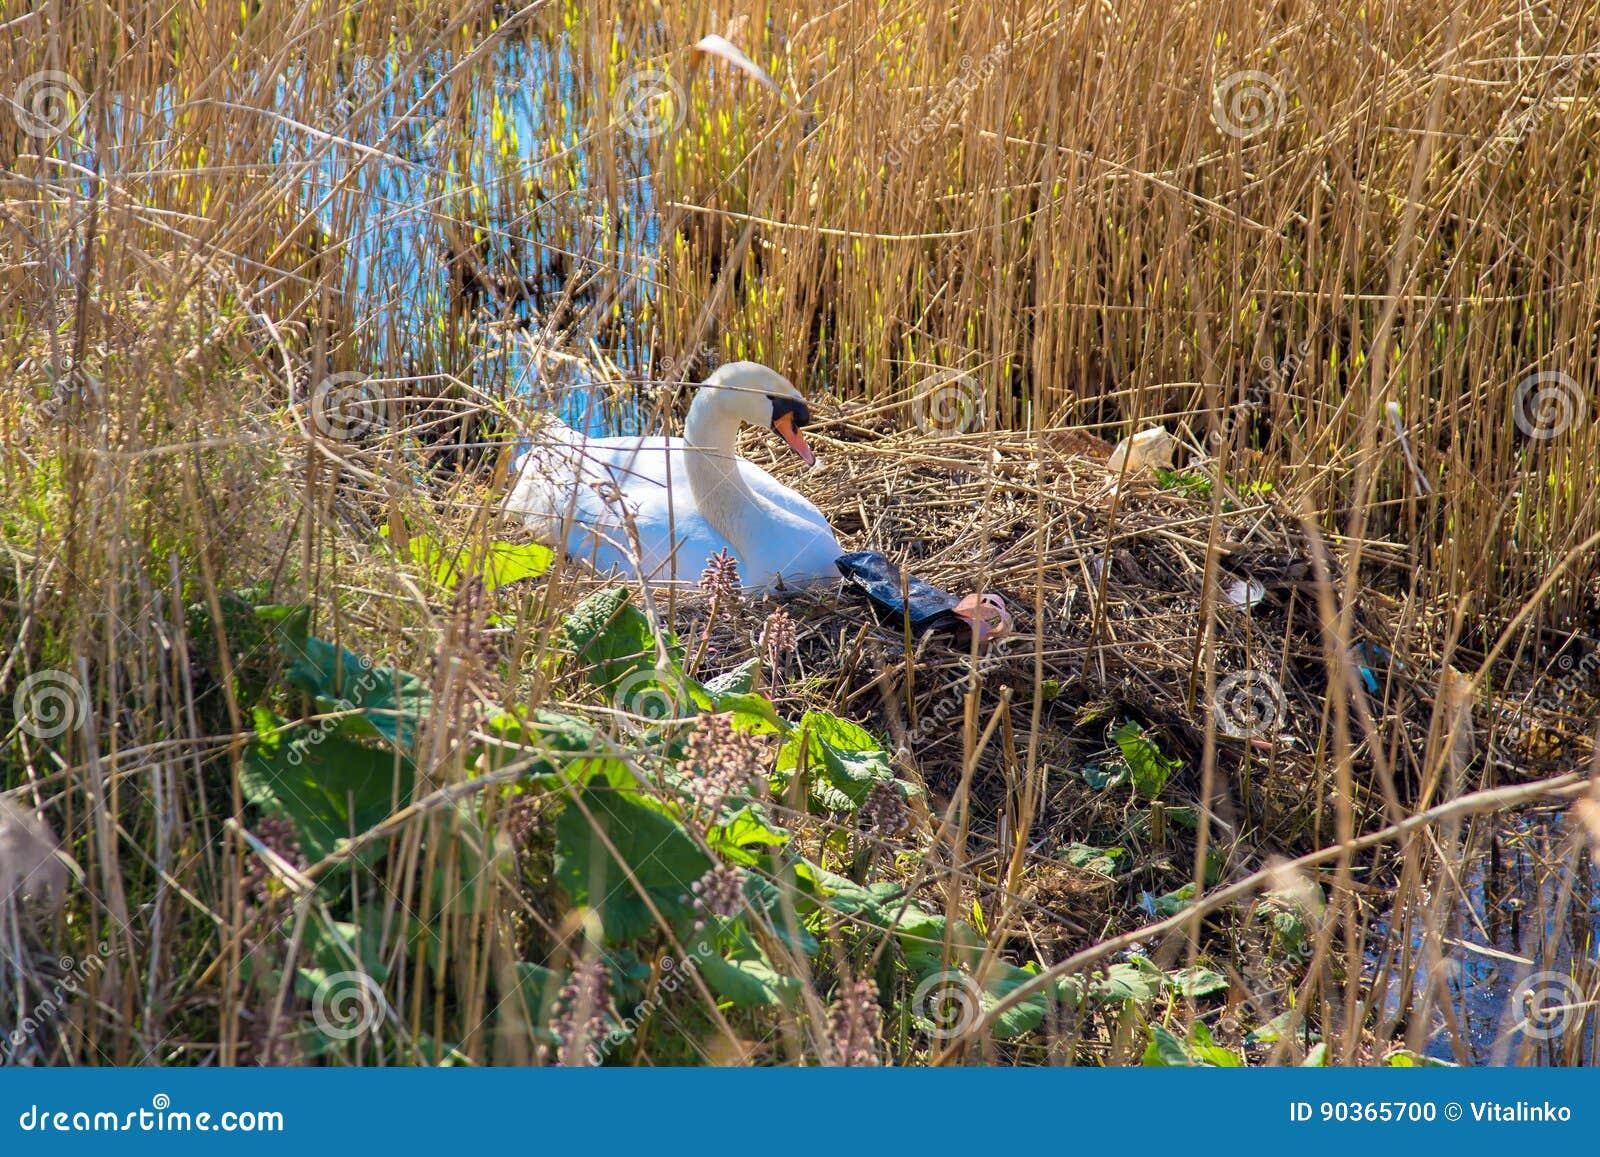 天鹅` s巢和垃圾 危机生态学环境照片污染